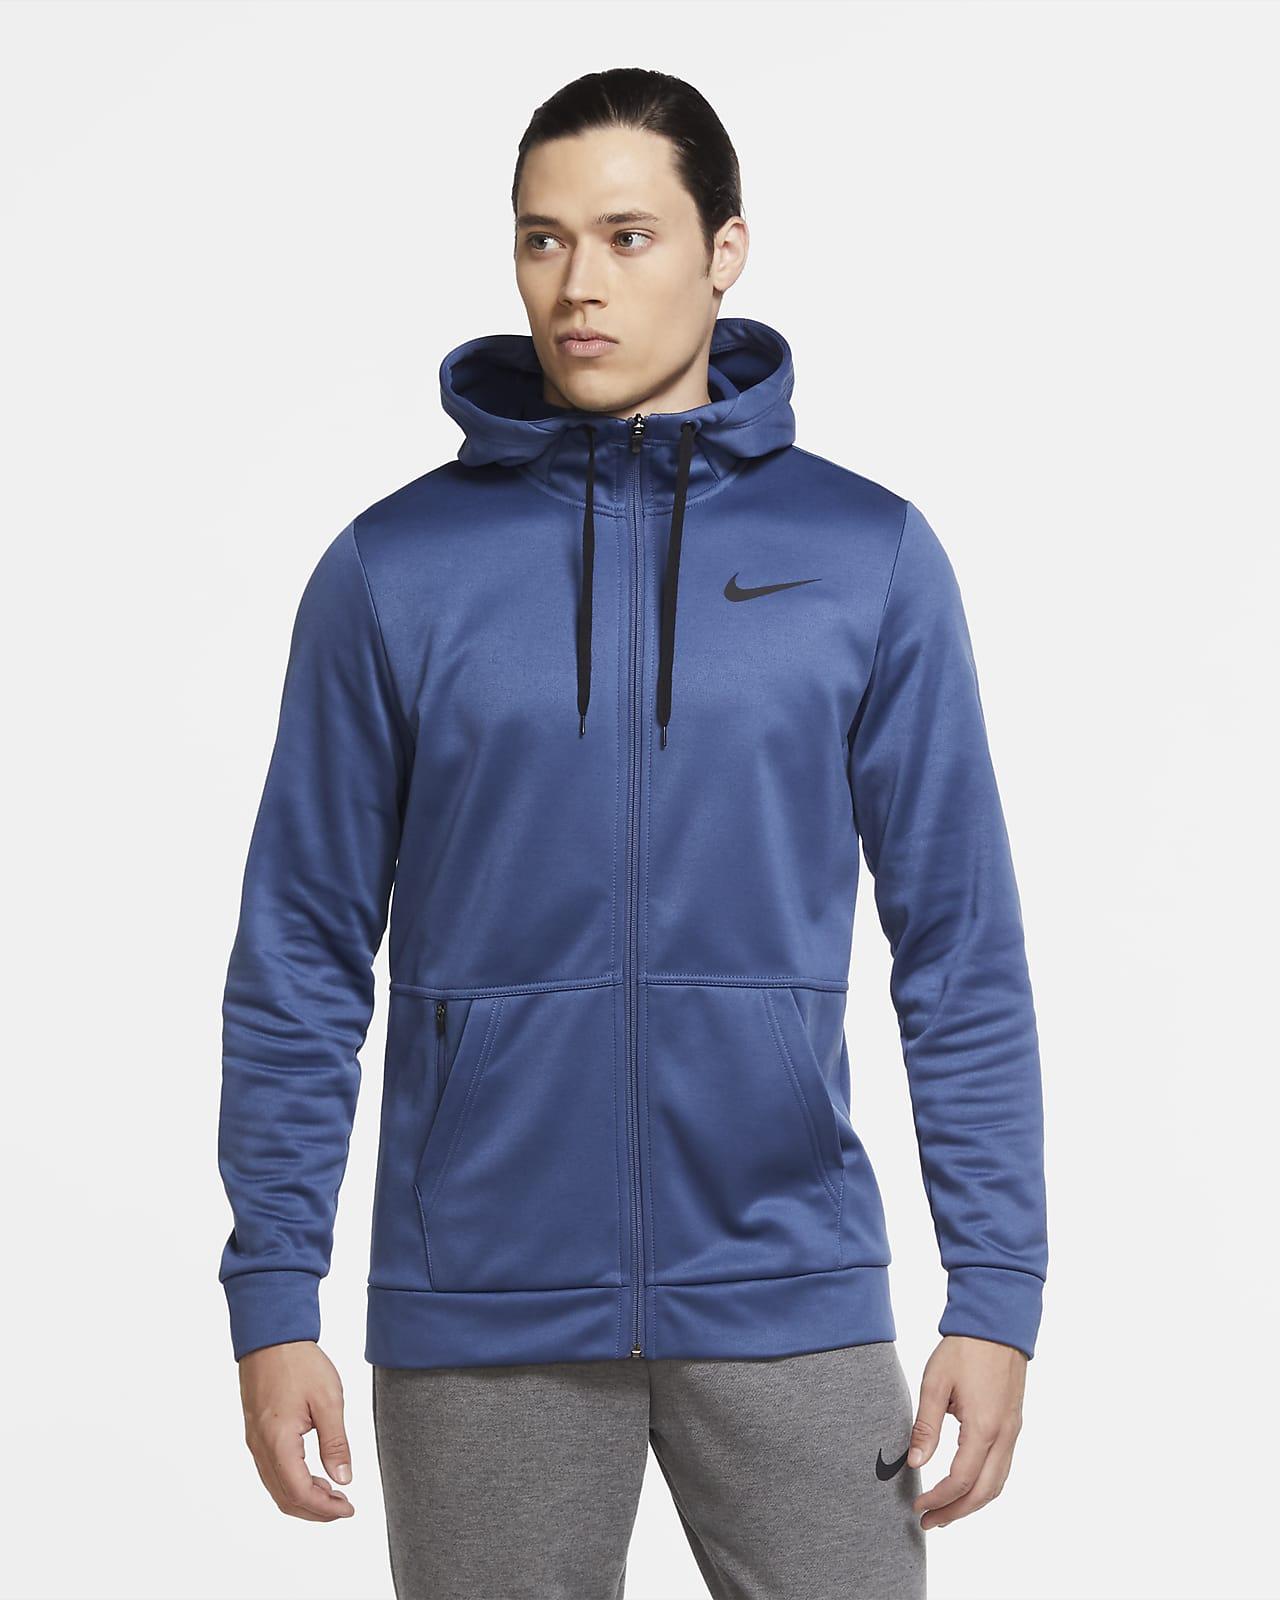 Nike Therma Sudadera de entrenamiento con capucha y cremallera completa - Hombre